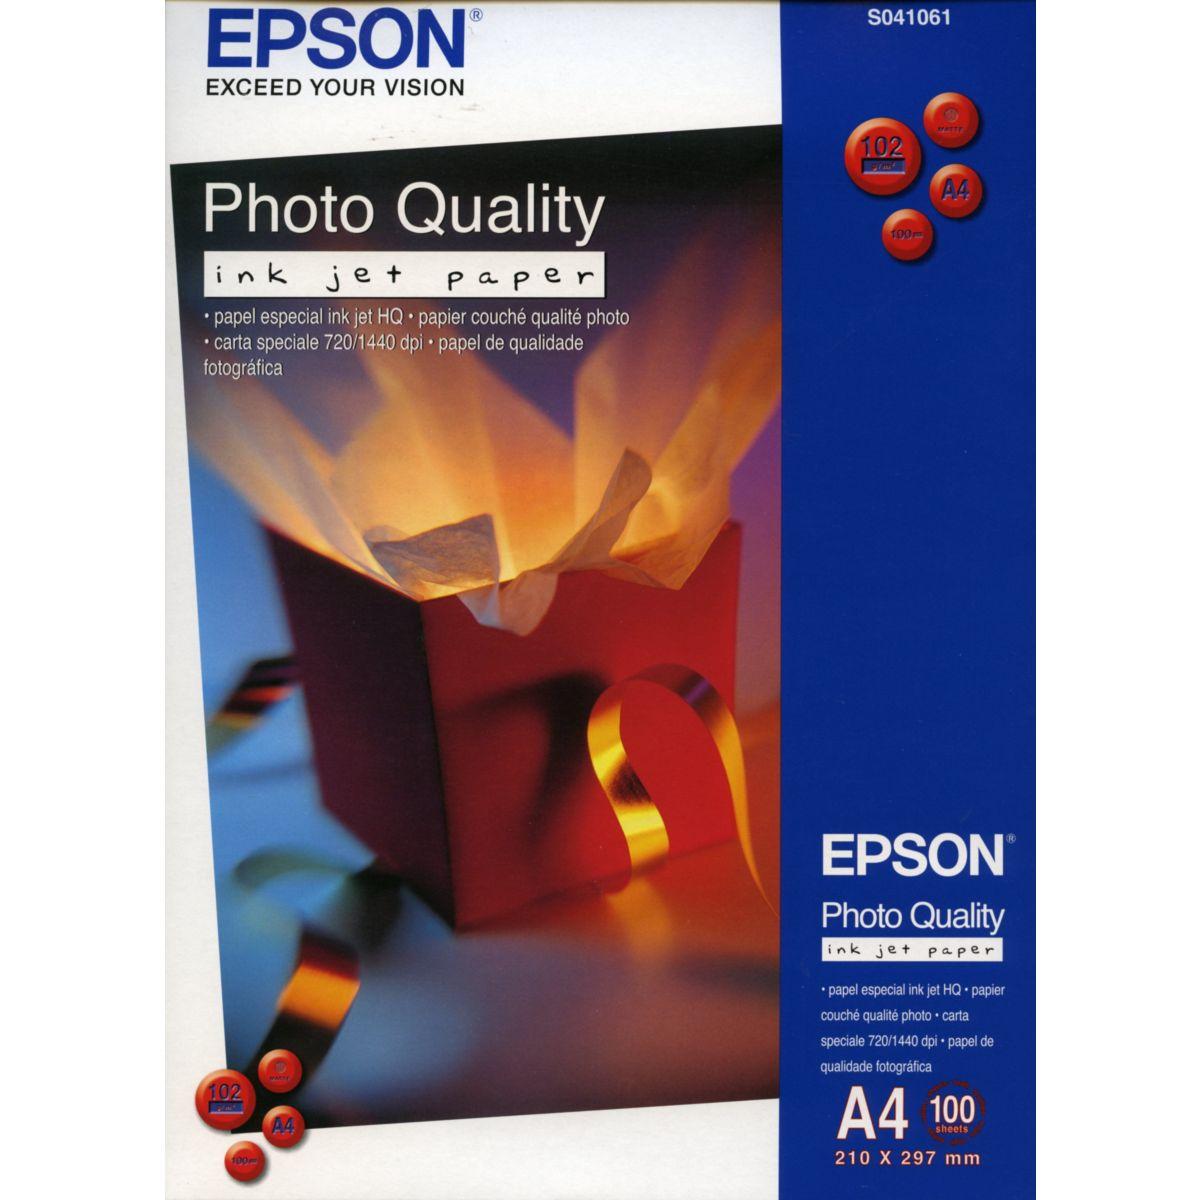 Papier photo epson a4 100g 100 feuilles - produit coup de coeur webdistrib.com ! (photo)